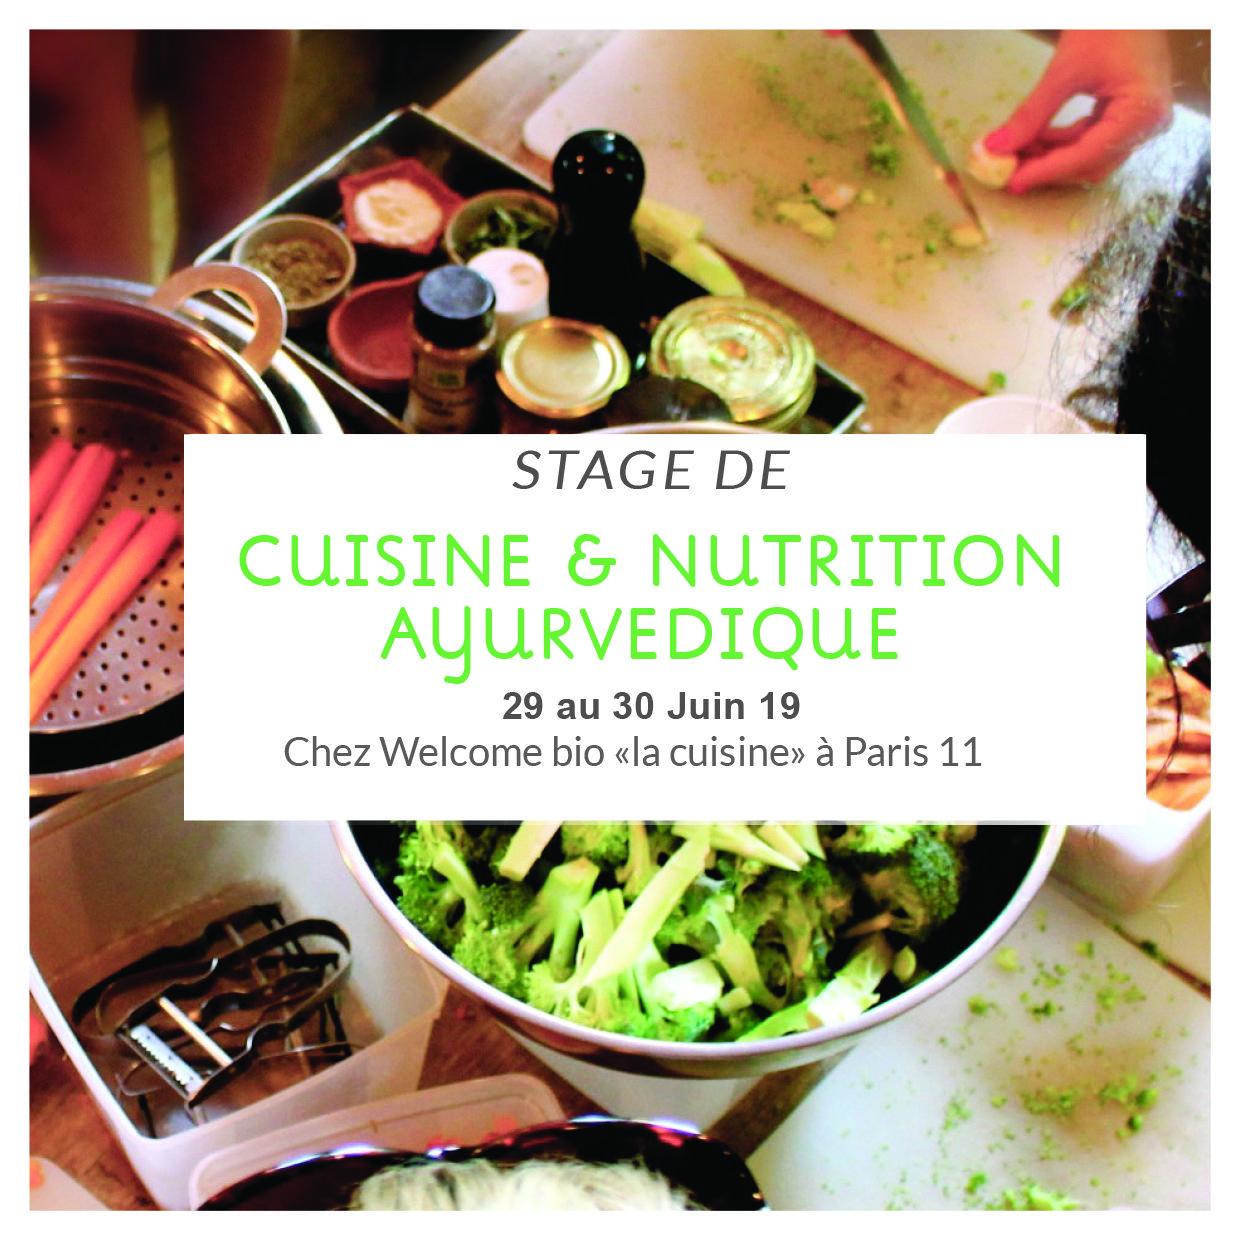 stage-cuisine-ayurvedique-vegan-vegetarienne-paris-11.jpg